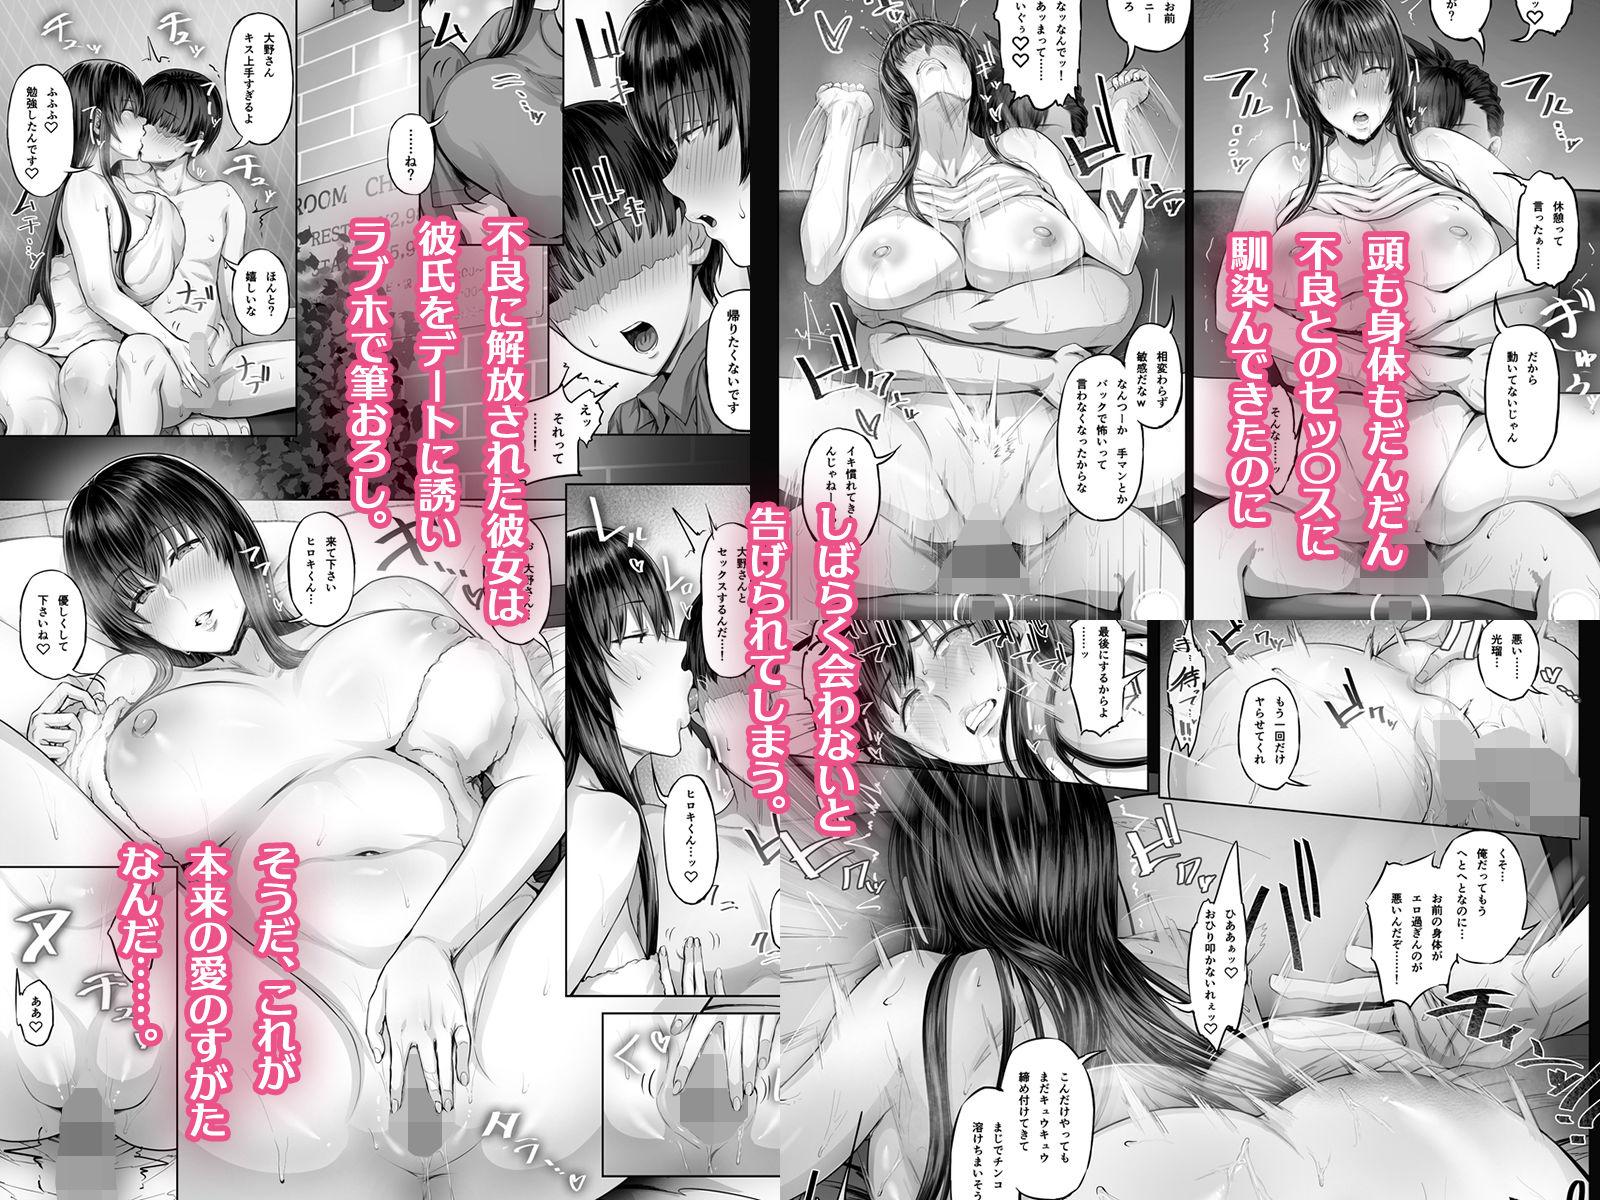 【エロ漫画】彼女がボクの知らないところで――2 地味で真面目な清楚娘が‥NTR!「サークル:Cior」【同人誌・コミック】#2